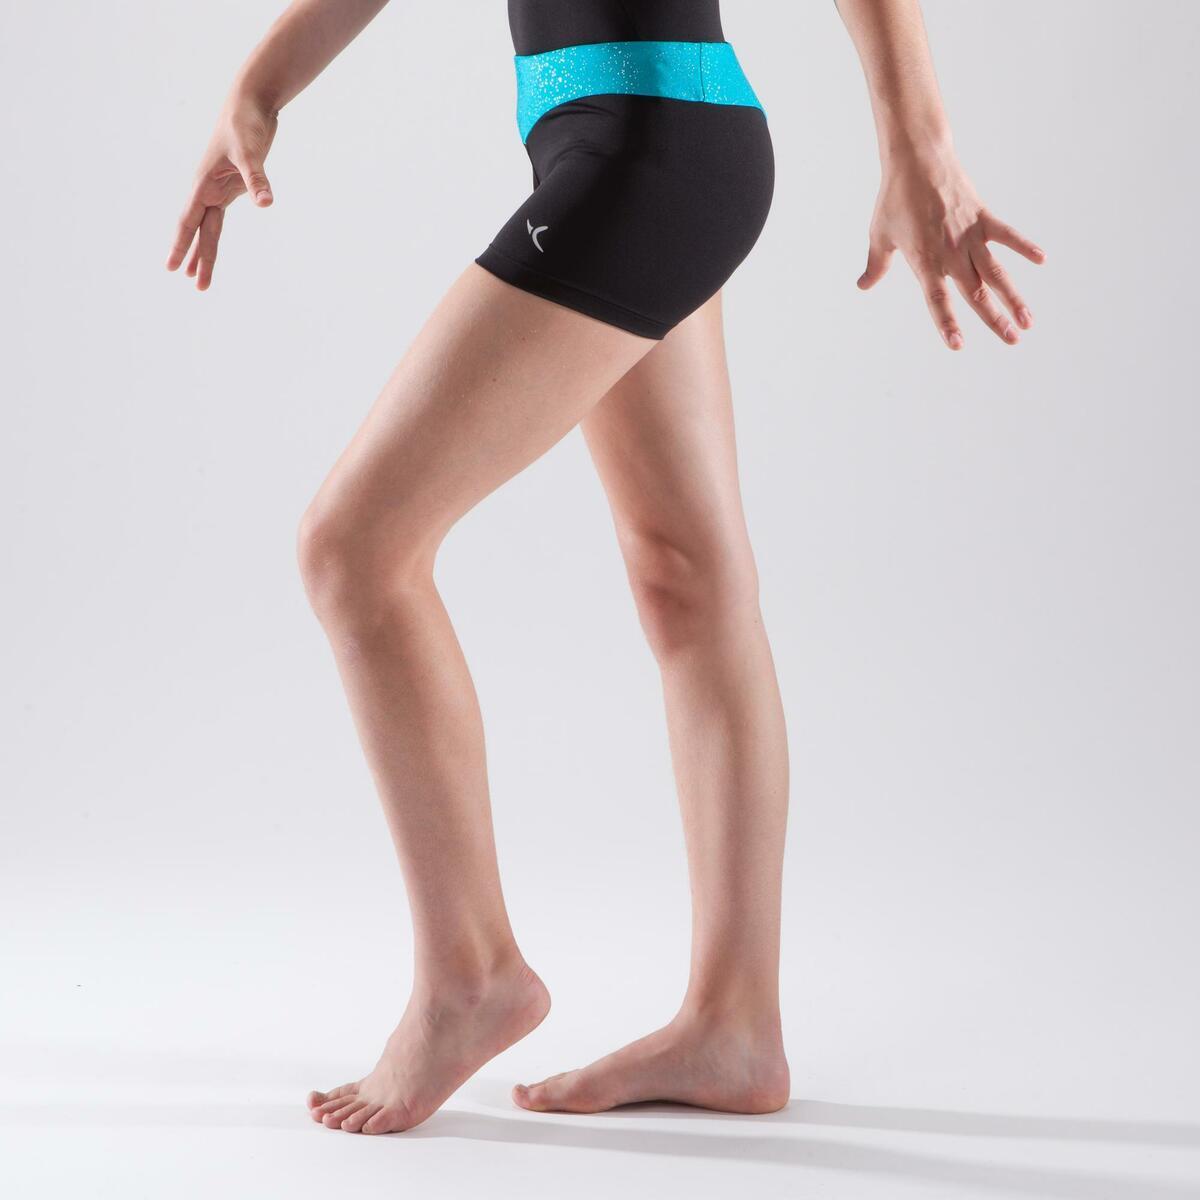 Bild 5 von Gymnastikhose kurz Bund Pailletten türkis